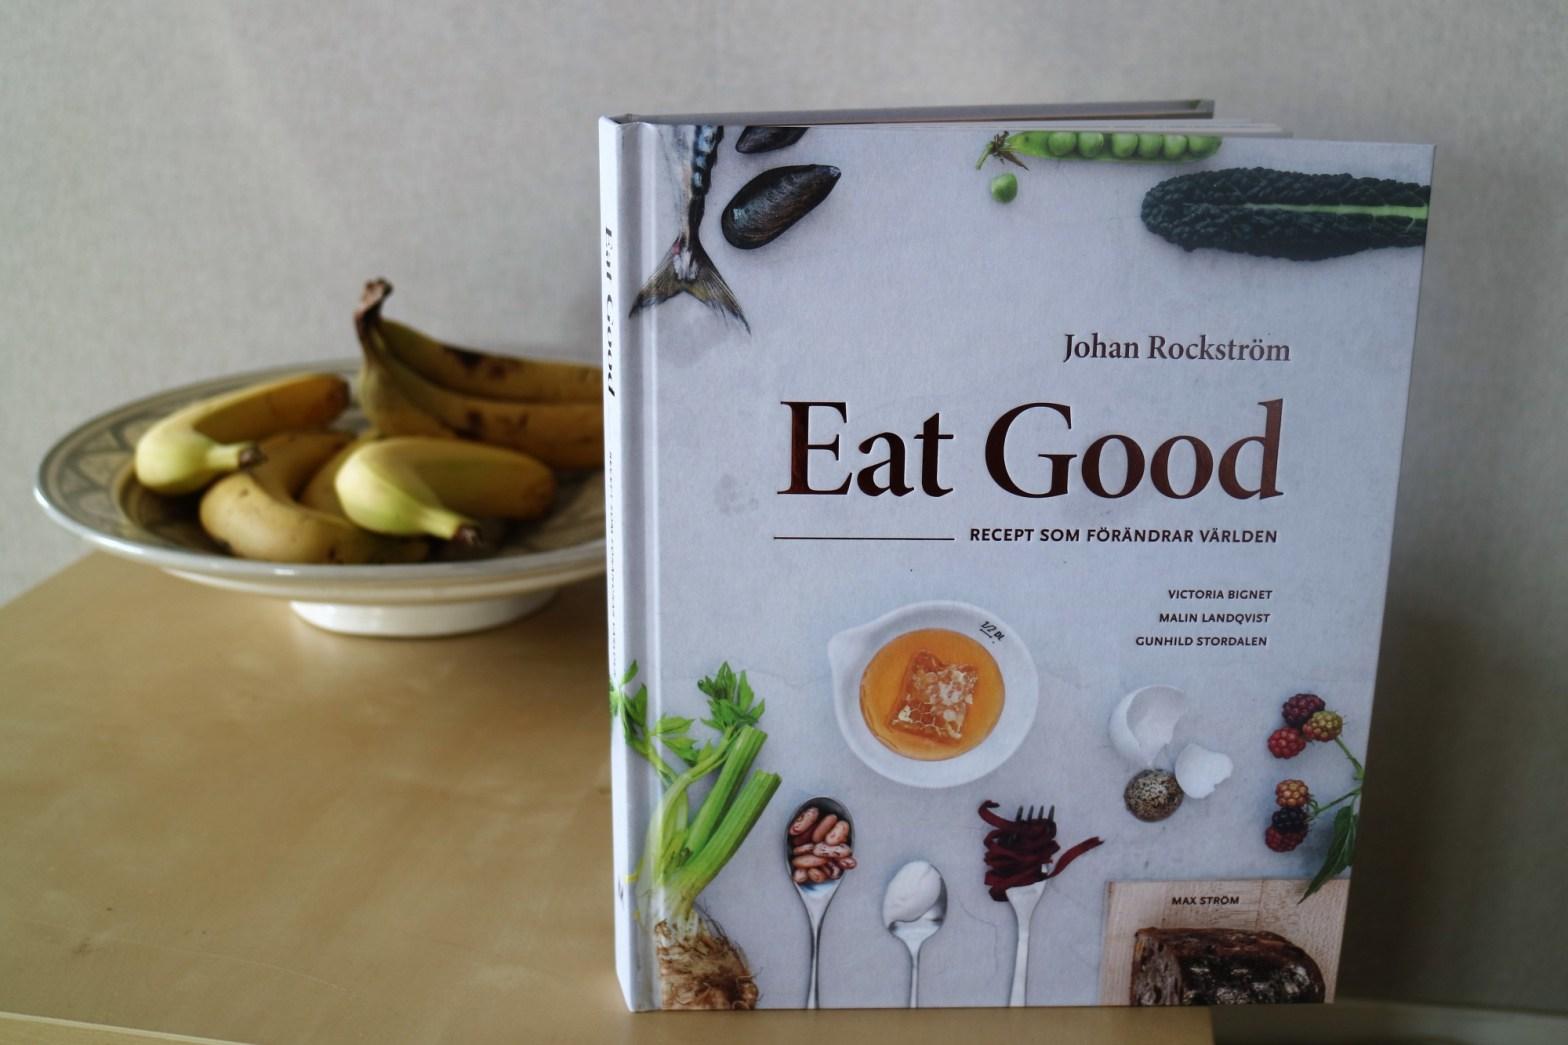 Eat good av Johan Rockström, Victoria Bignet, Malin Landqvist, Gunhild Stordalen